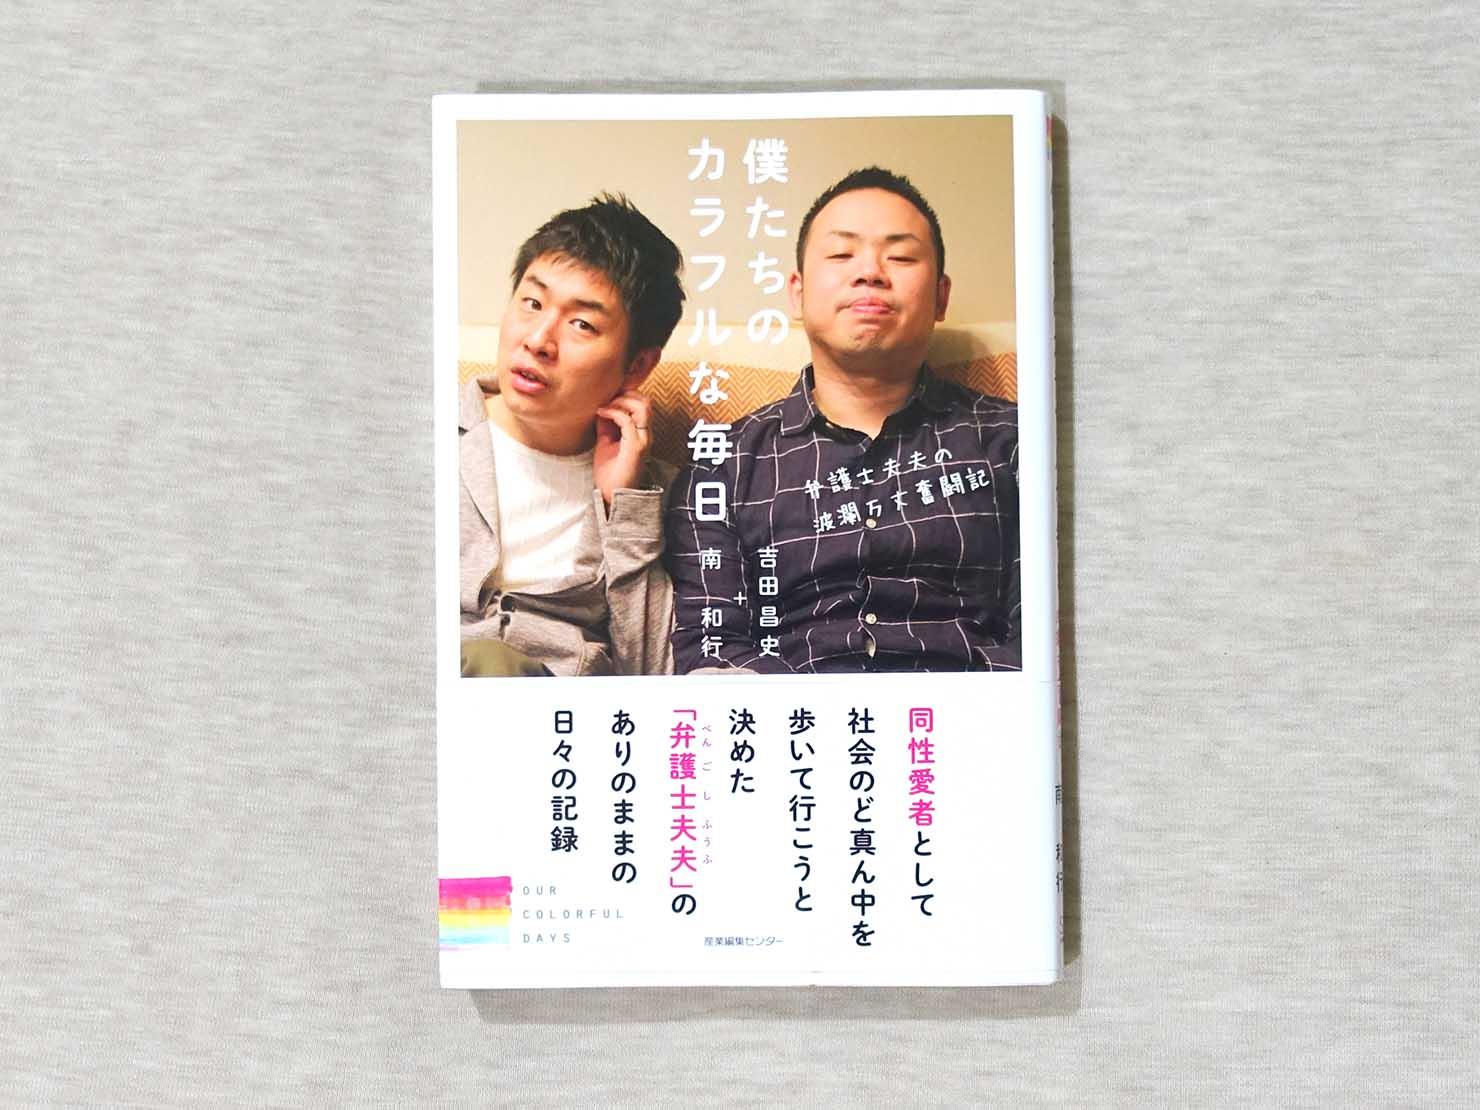 LGBT関連のおすすめ本『僕たちのカラフルな毎日 ~弁護士夫夫の波乱万丈奮闘記~』